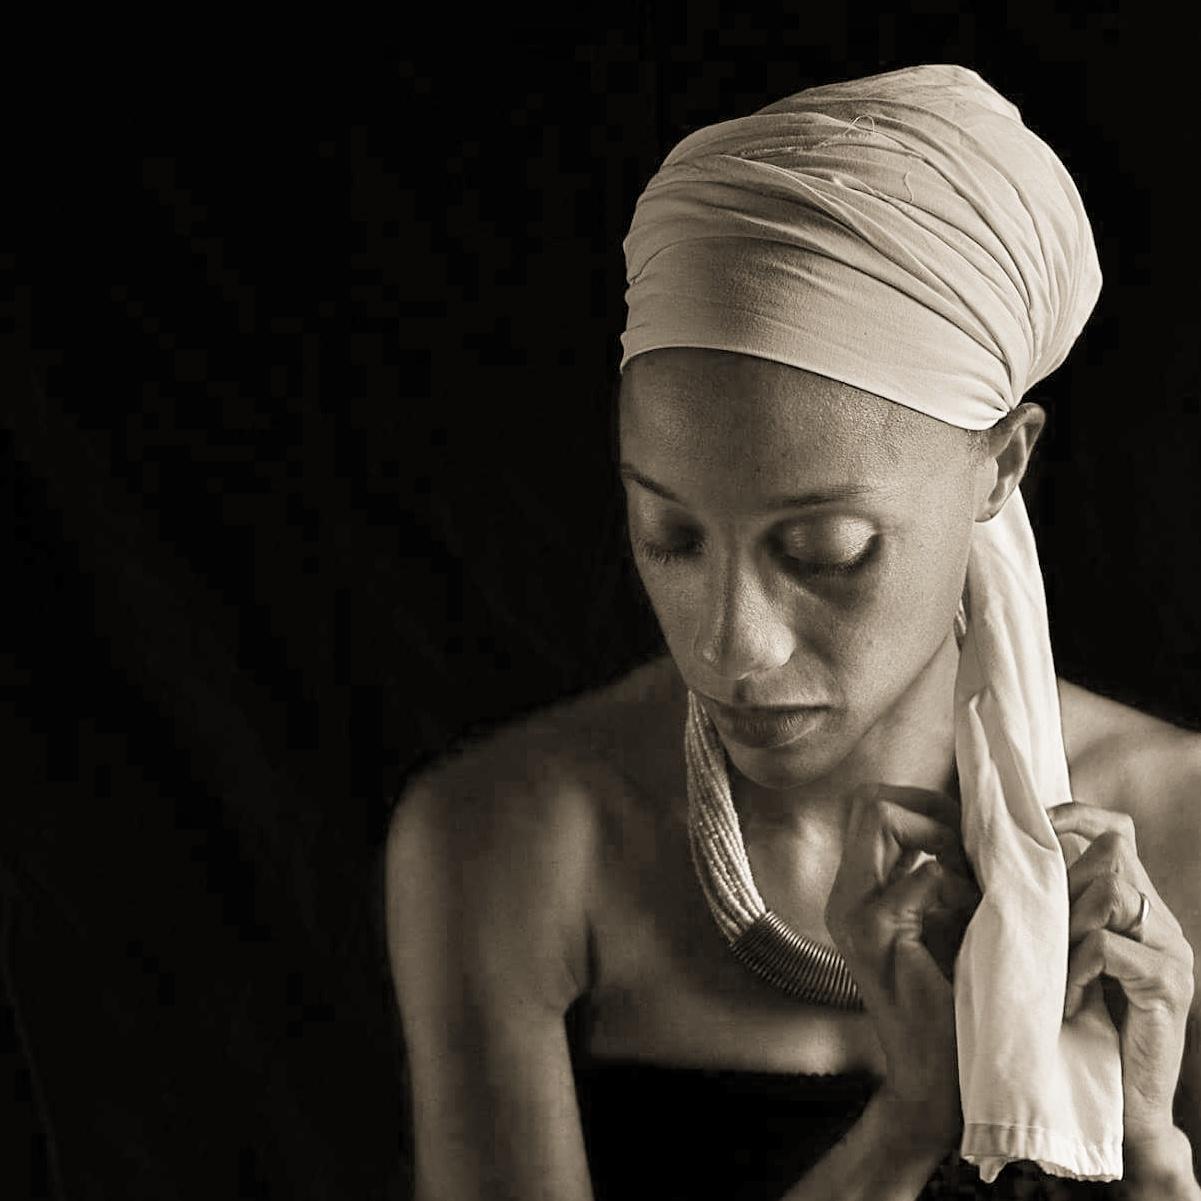 photograph taken by Marc Steiner